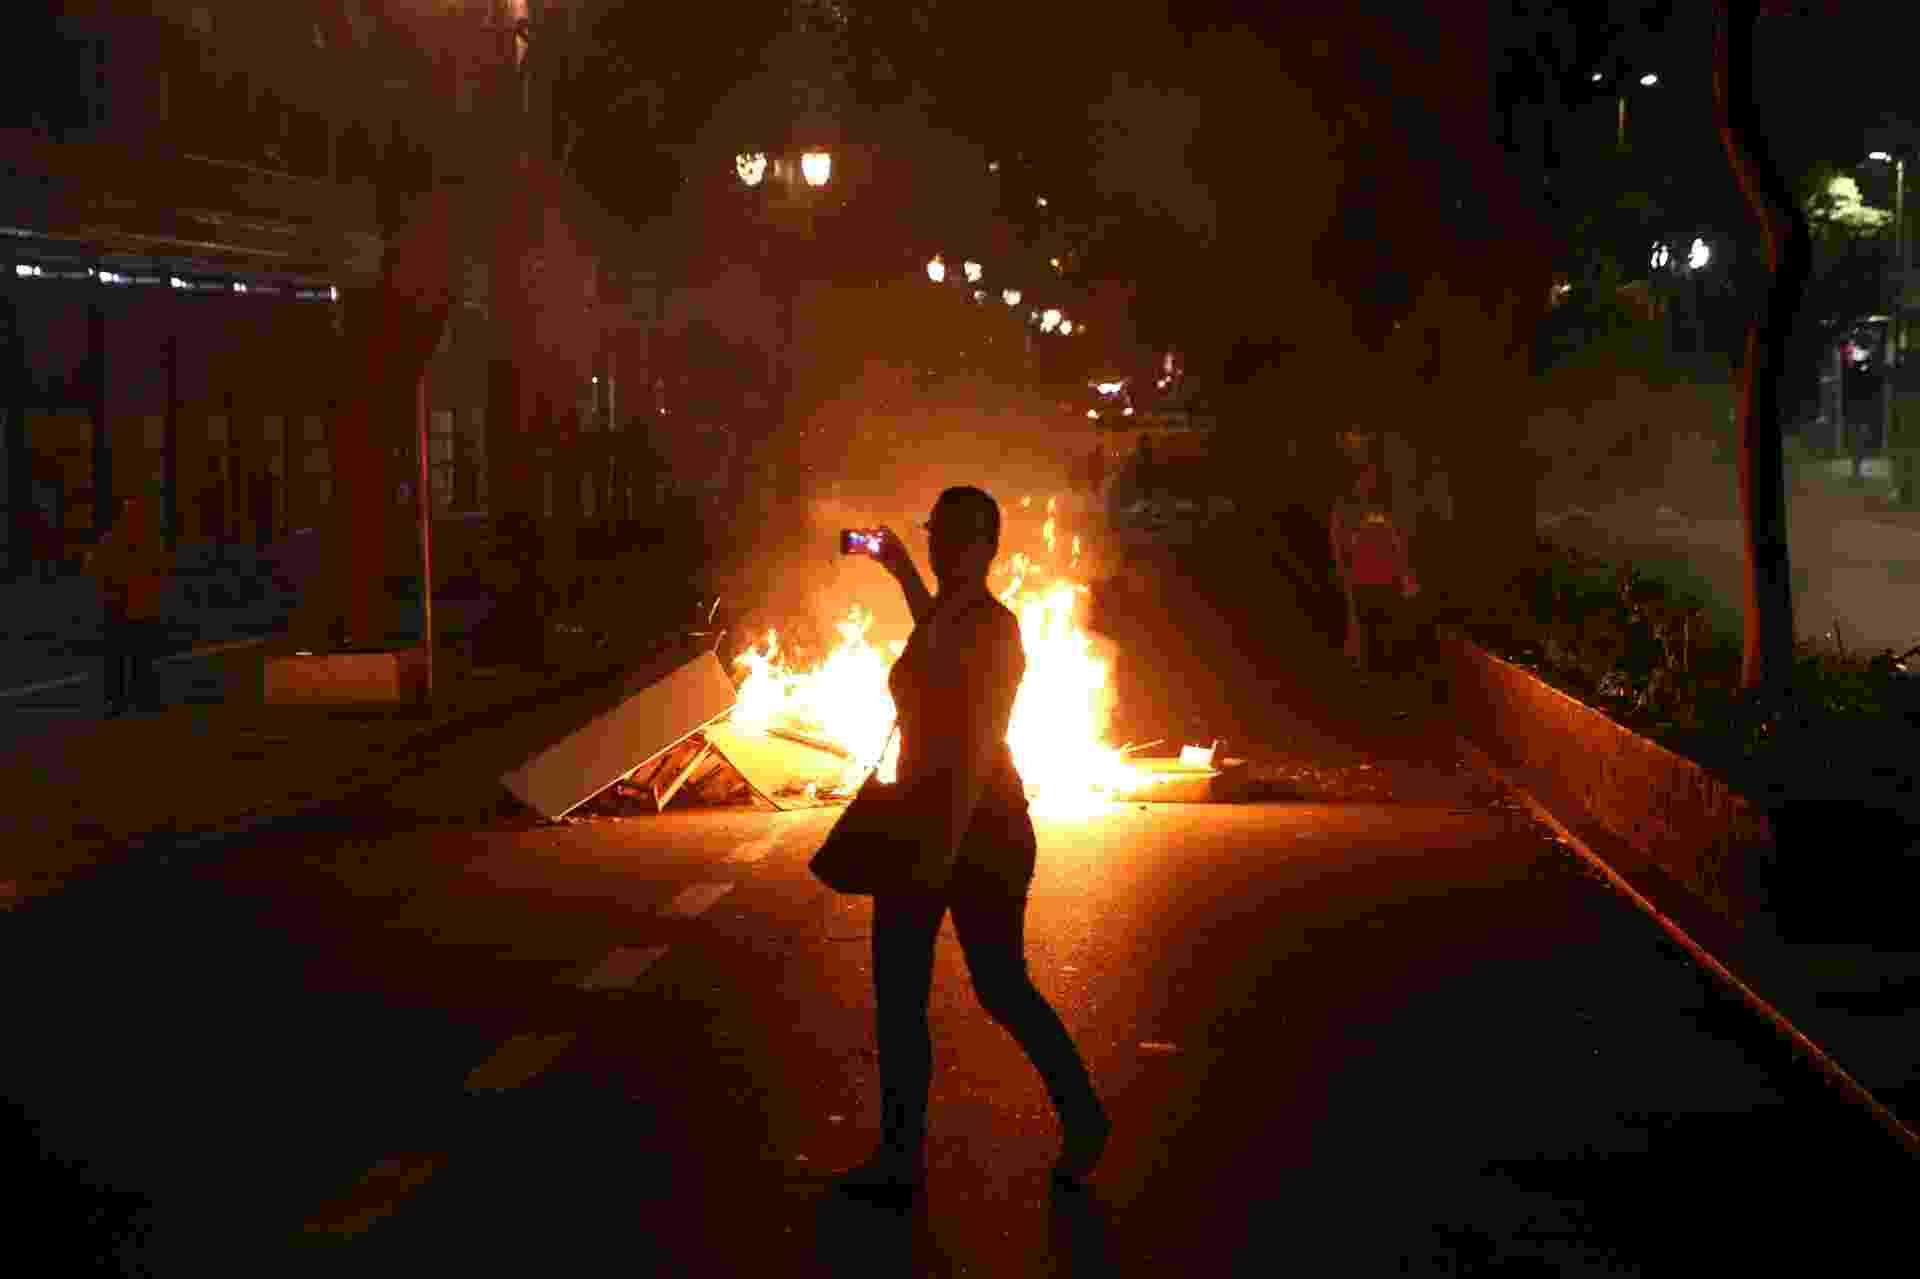 9.dez.2015 - Protesto contra reorganização do ensino público estadual terminou em confusão em São Paulo. Polícia Militar atirou bombas em manifestantes, que incendiaram objetos na região central da capital paulista - Eduardo Anizelli/Folhapress